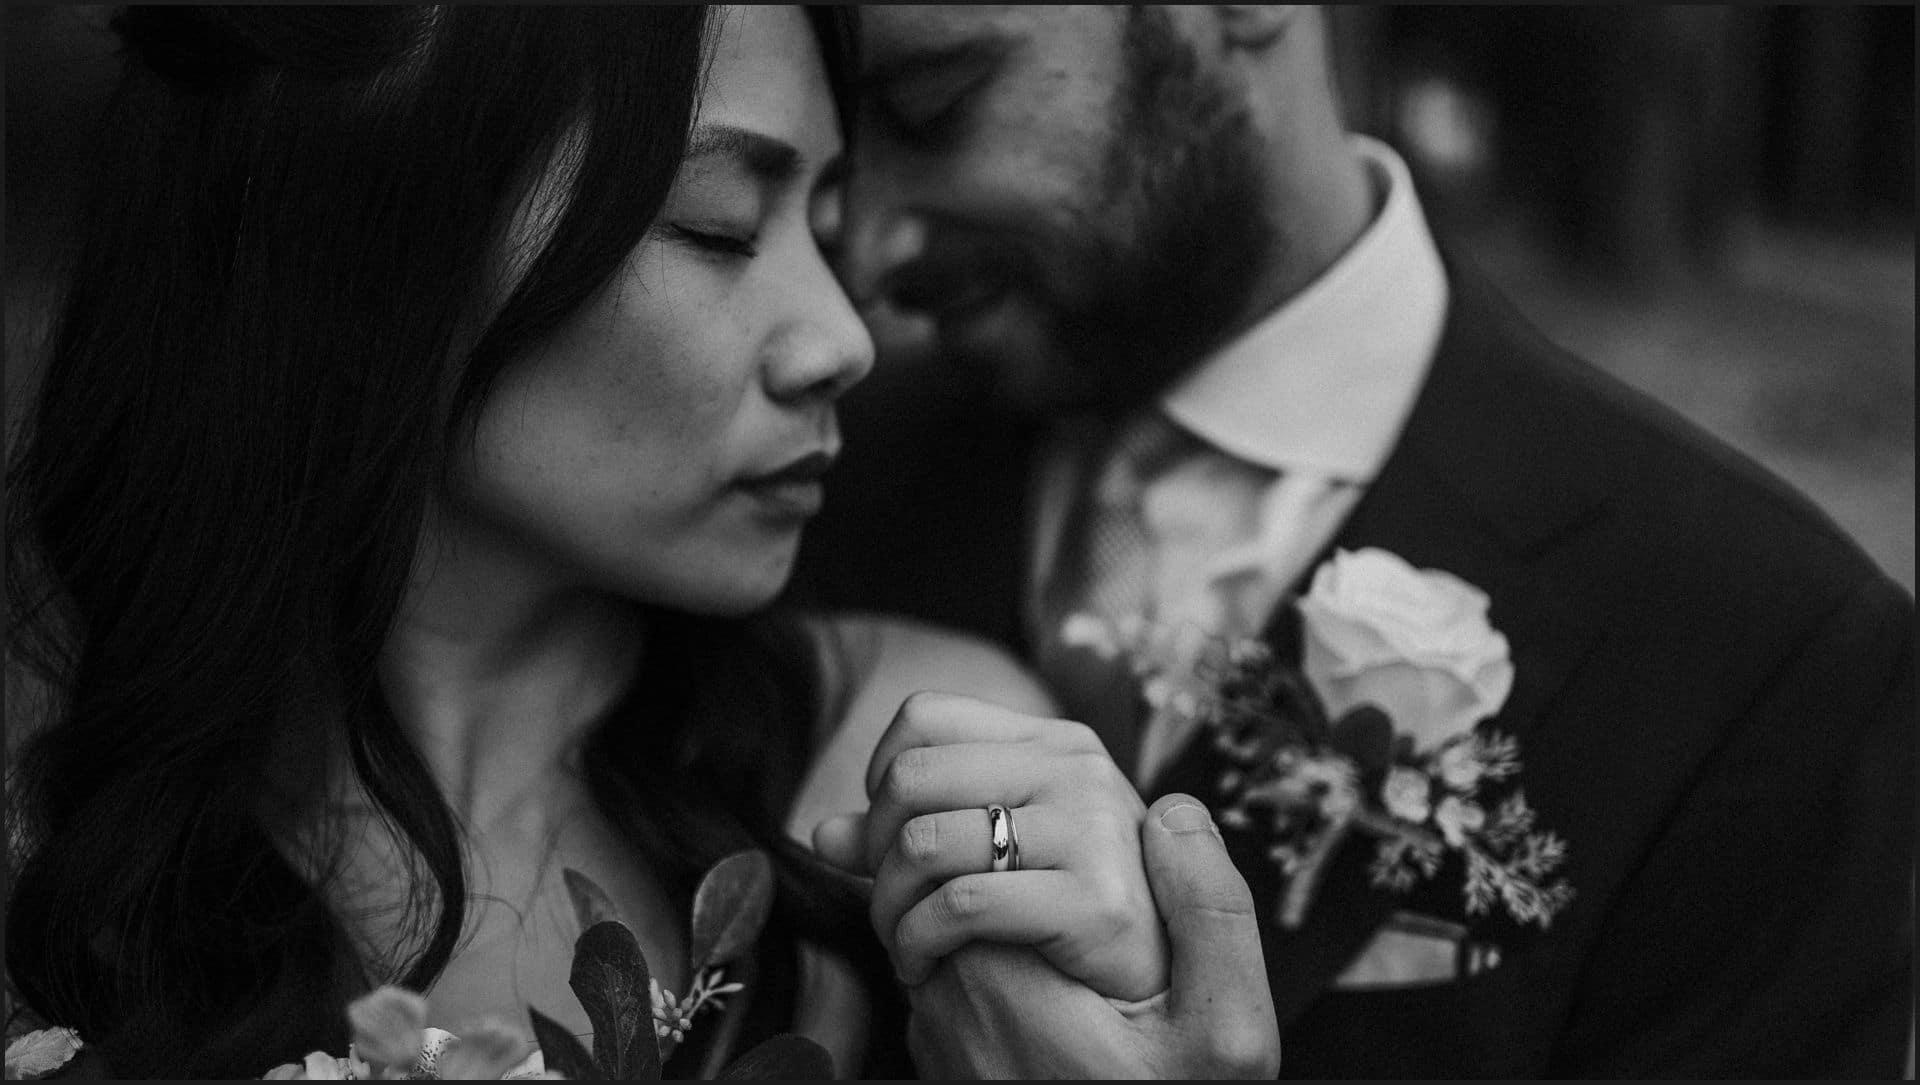 destination wedding, castello del trebbio, tuscany, bride, groom, black and white, hands, rings, intimate portrait